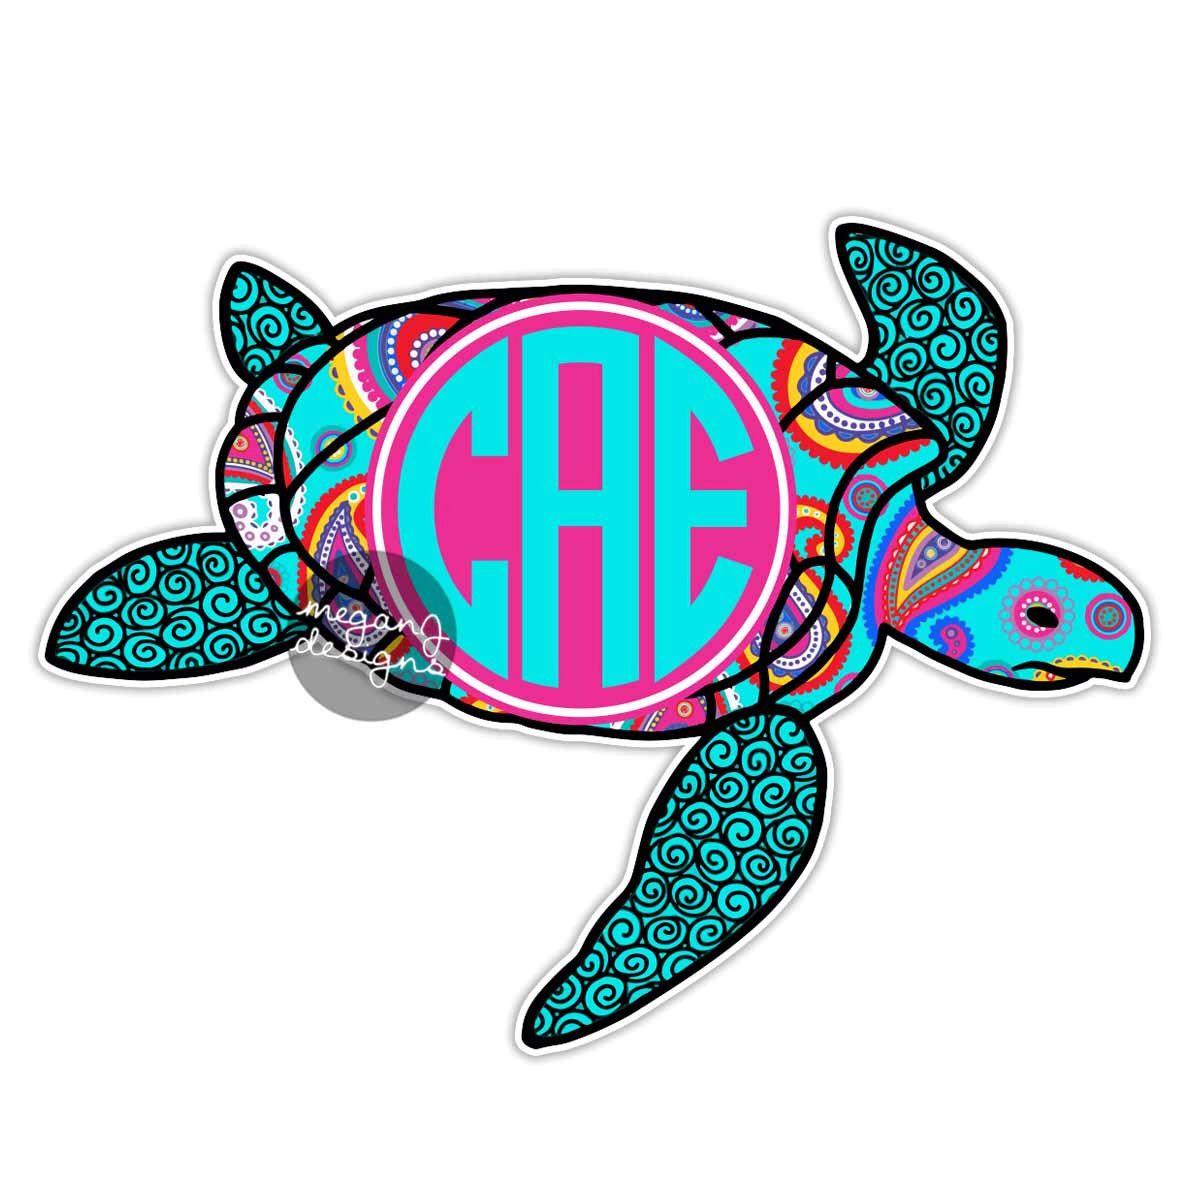 Cute car sticker designs - Custom Paisley Sea Turtle Sticker Colorful Design Cute Car Decal Personalized Initial Laptop Bumper Sticker